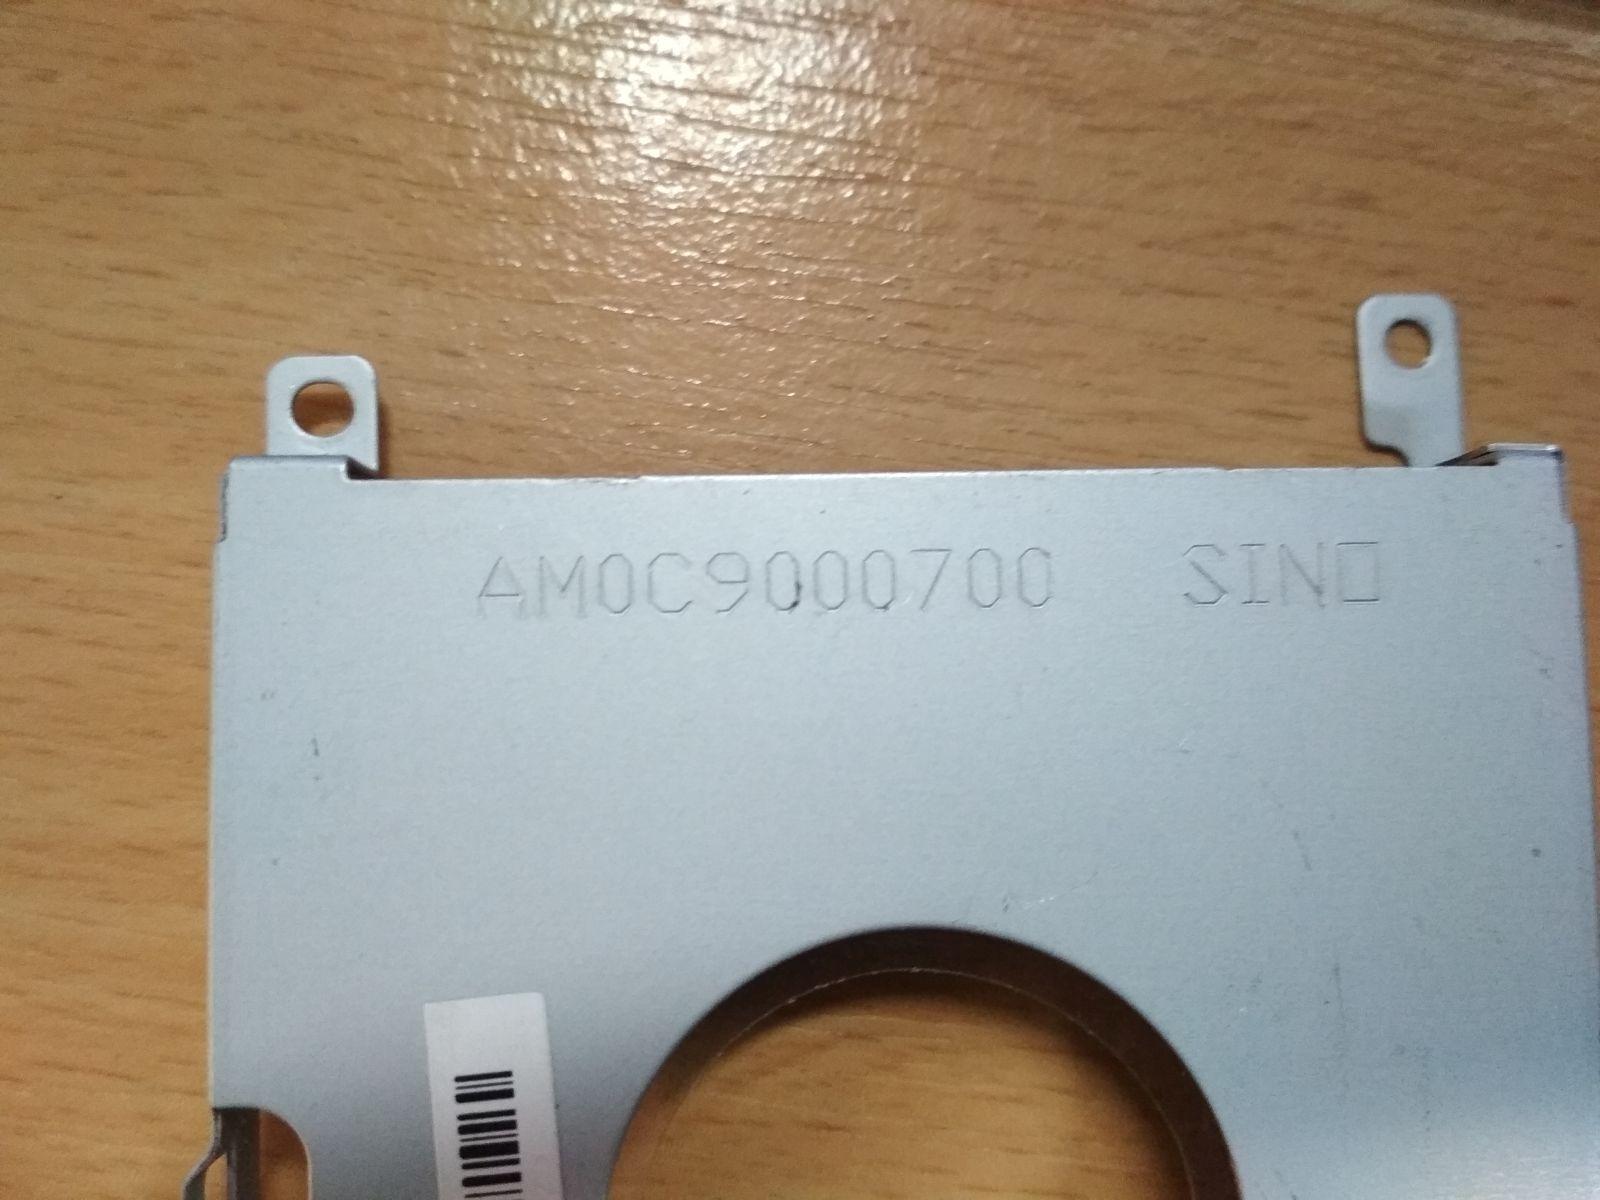 Acer Aspire 5551 5741 5742 Packard Bell NEW90 TM80 TM81 TM85 TM86 TM89 TM99 AM0C90007001 HDD keret használt 1 hónap garancia!